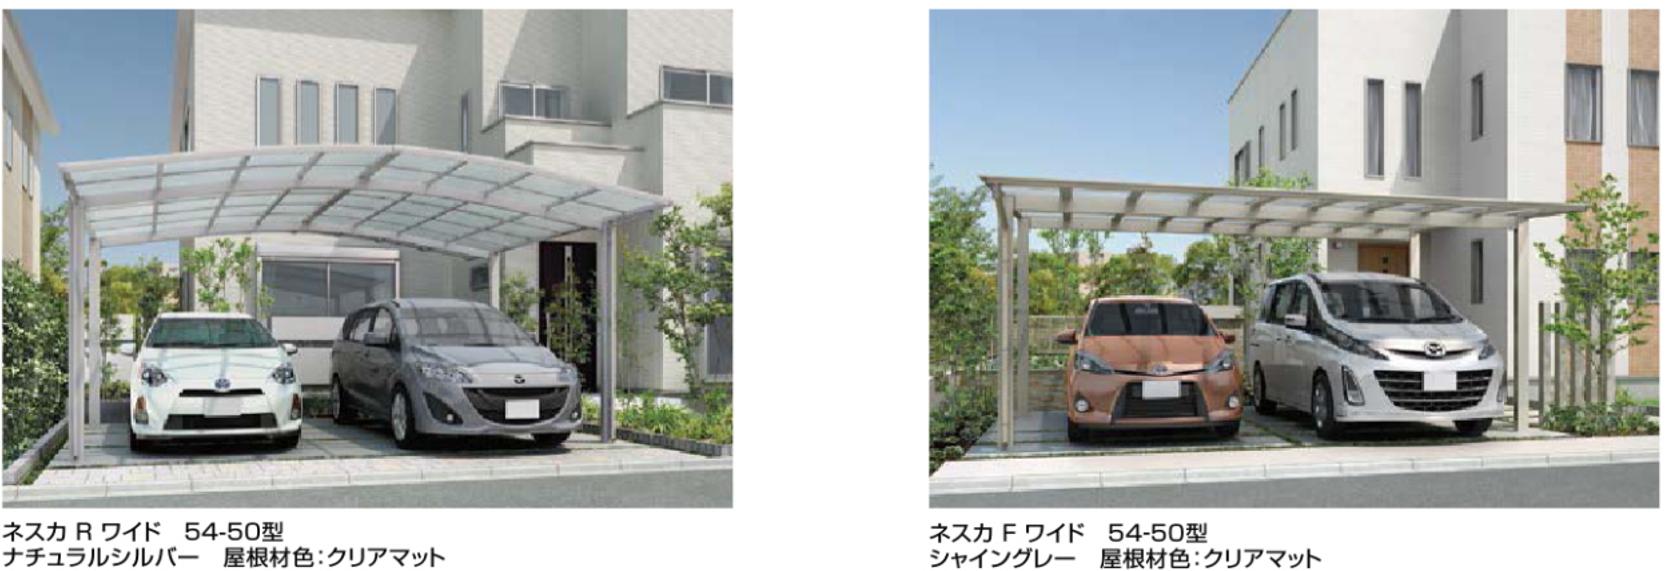 ネスカRワイド 54-50型 ナチュラルシルバー 屋根材色:クリアマット ネスカFワイド 54-50型 シャイングレー 屋根材色:クリアマット